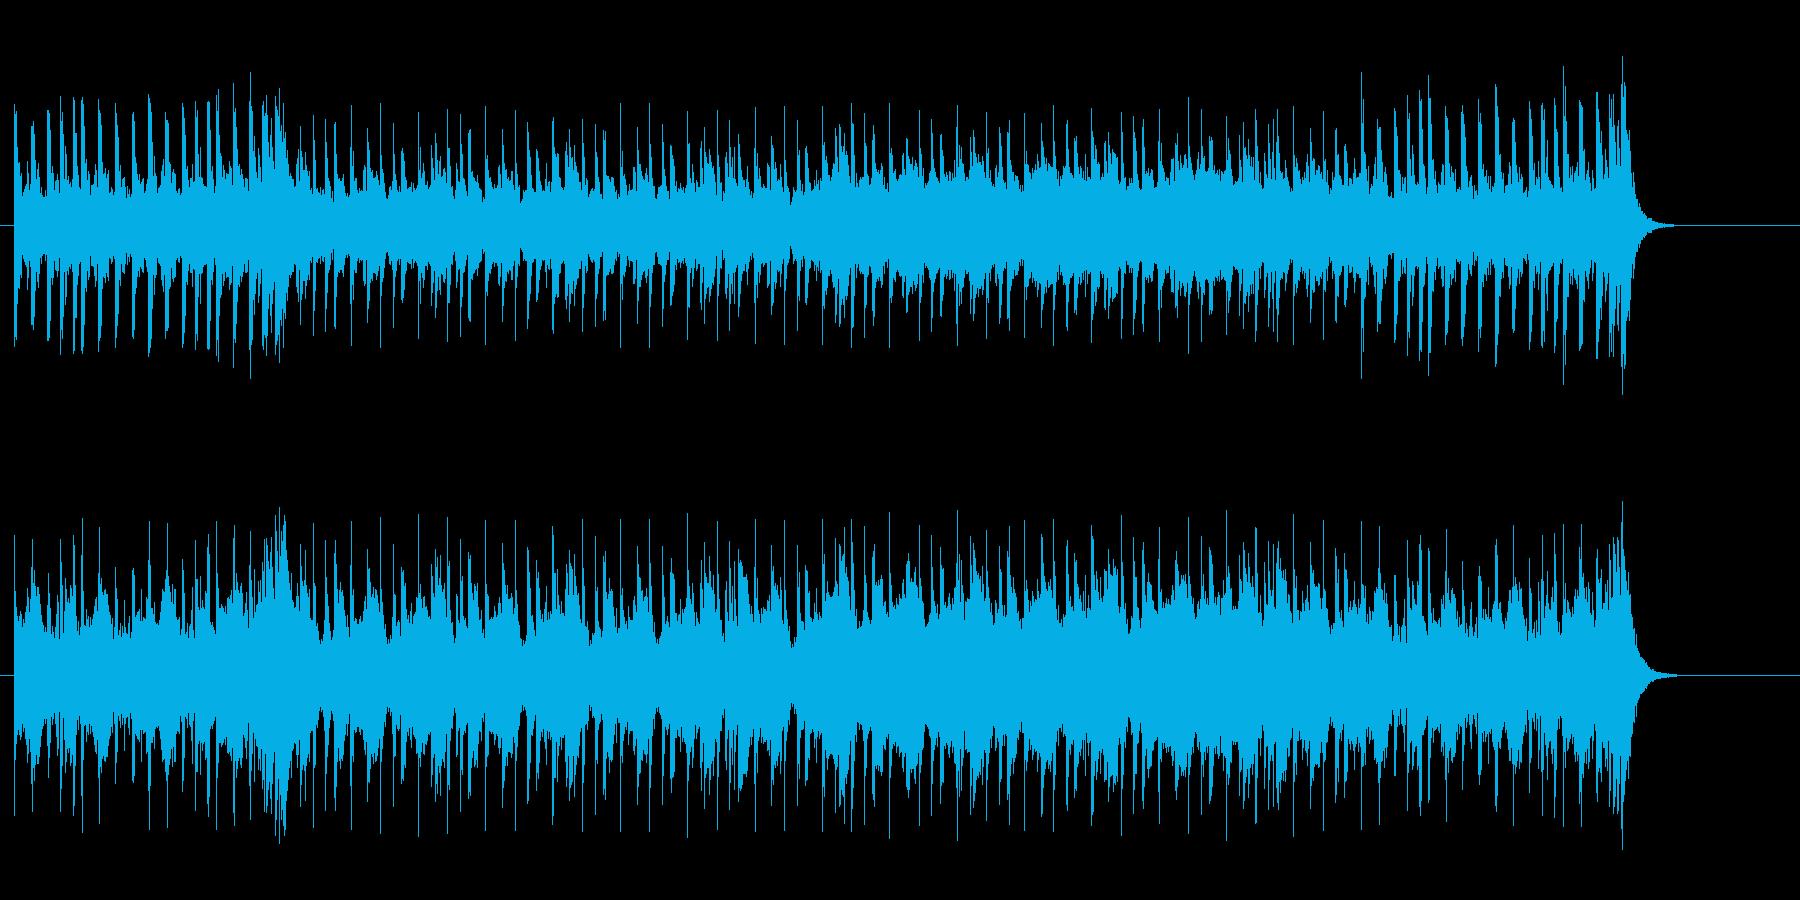 重く怪しいマイナー・エレクトリックの再生済みの波形